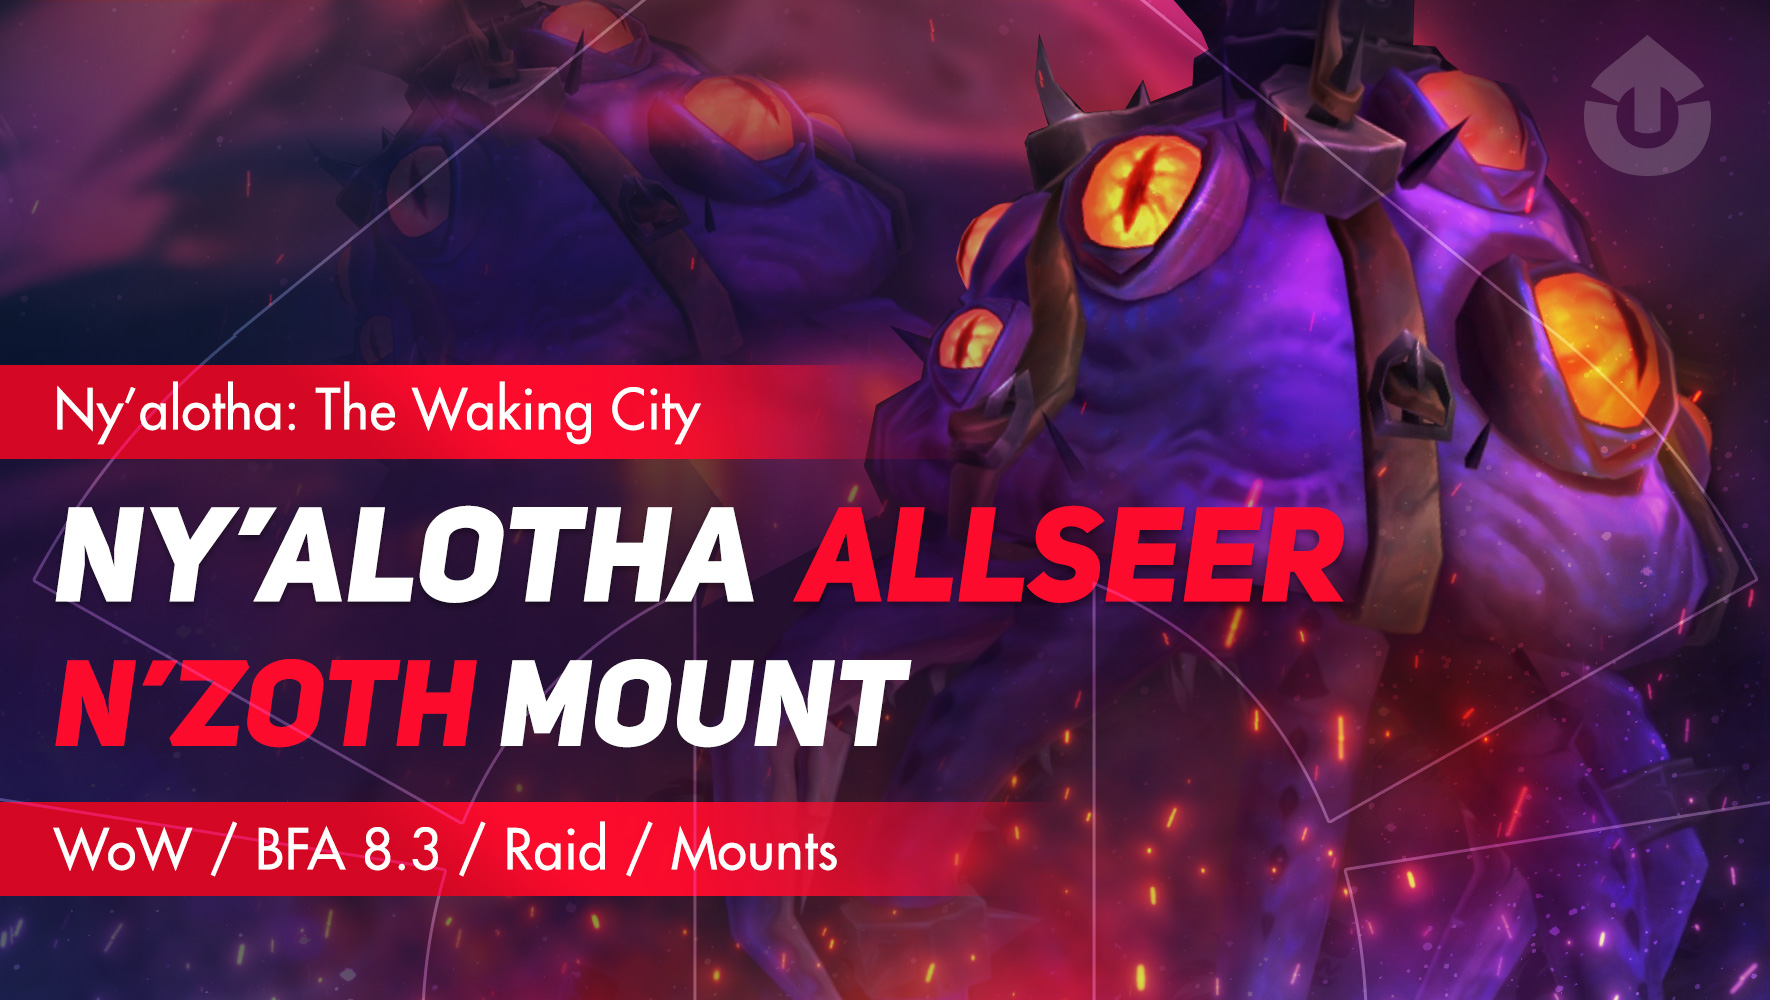 Ny'alotha Allseer GBD - e2p.com